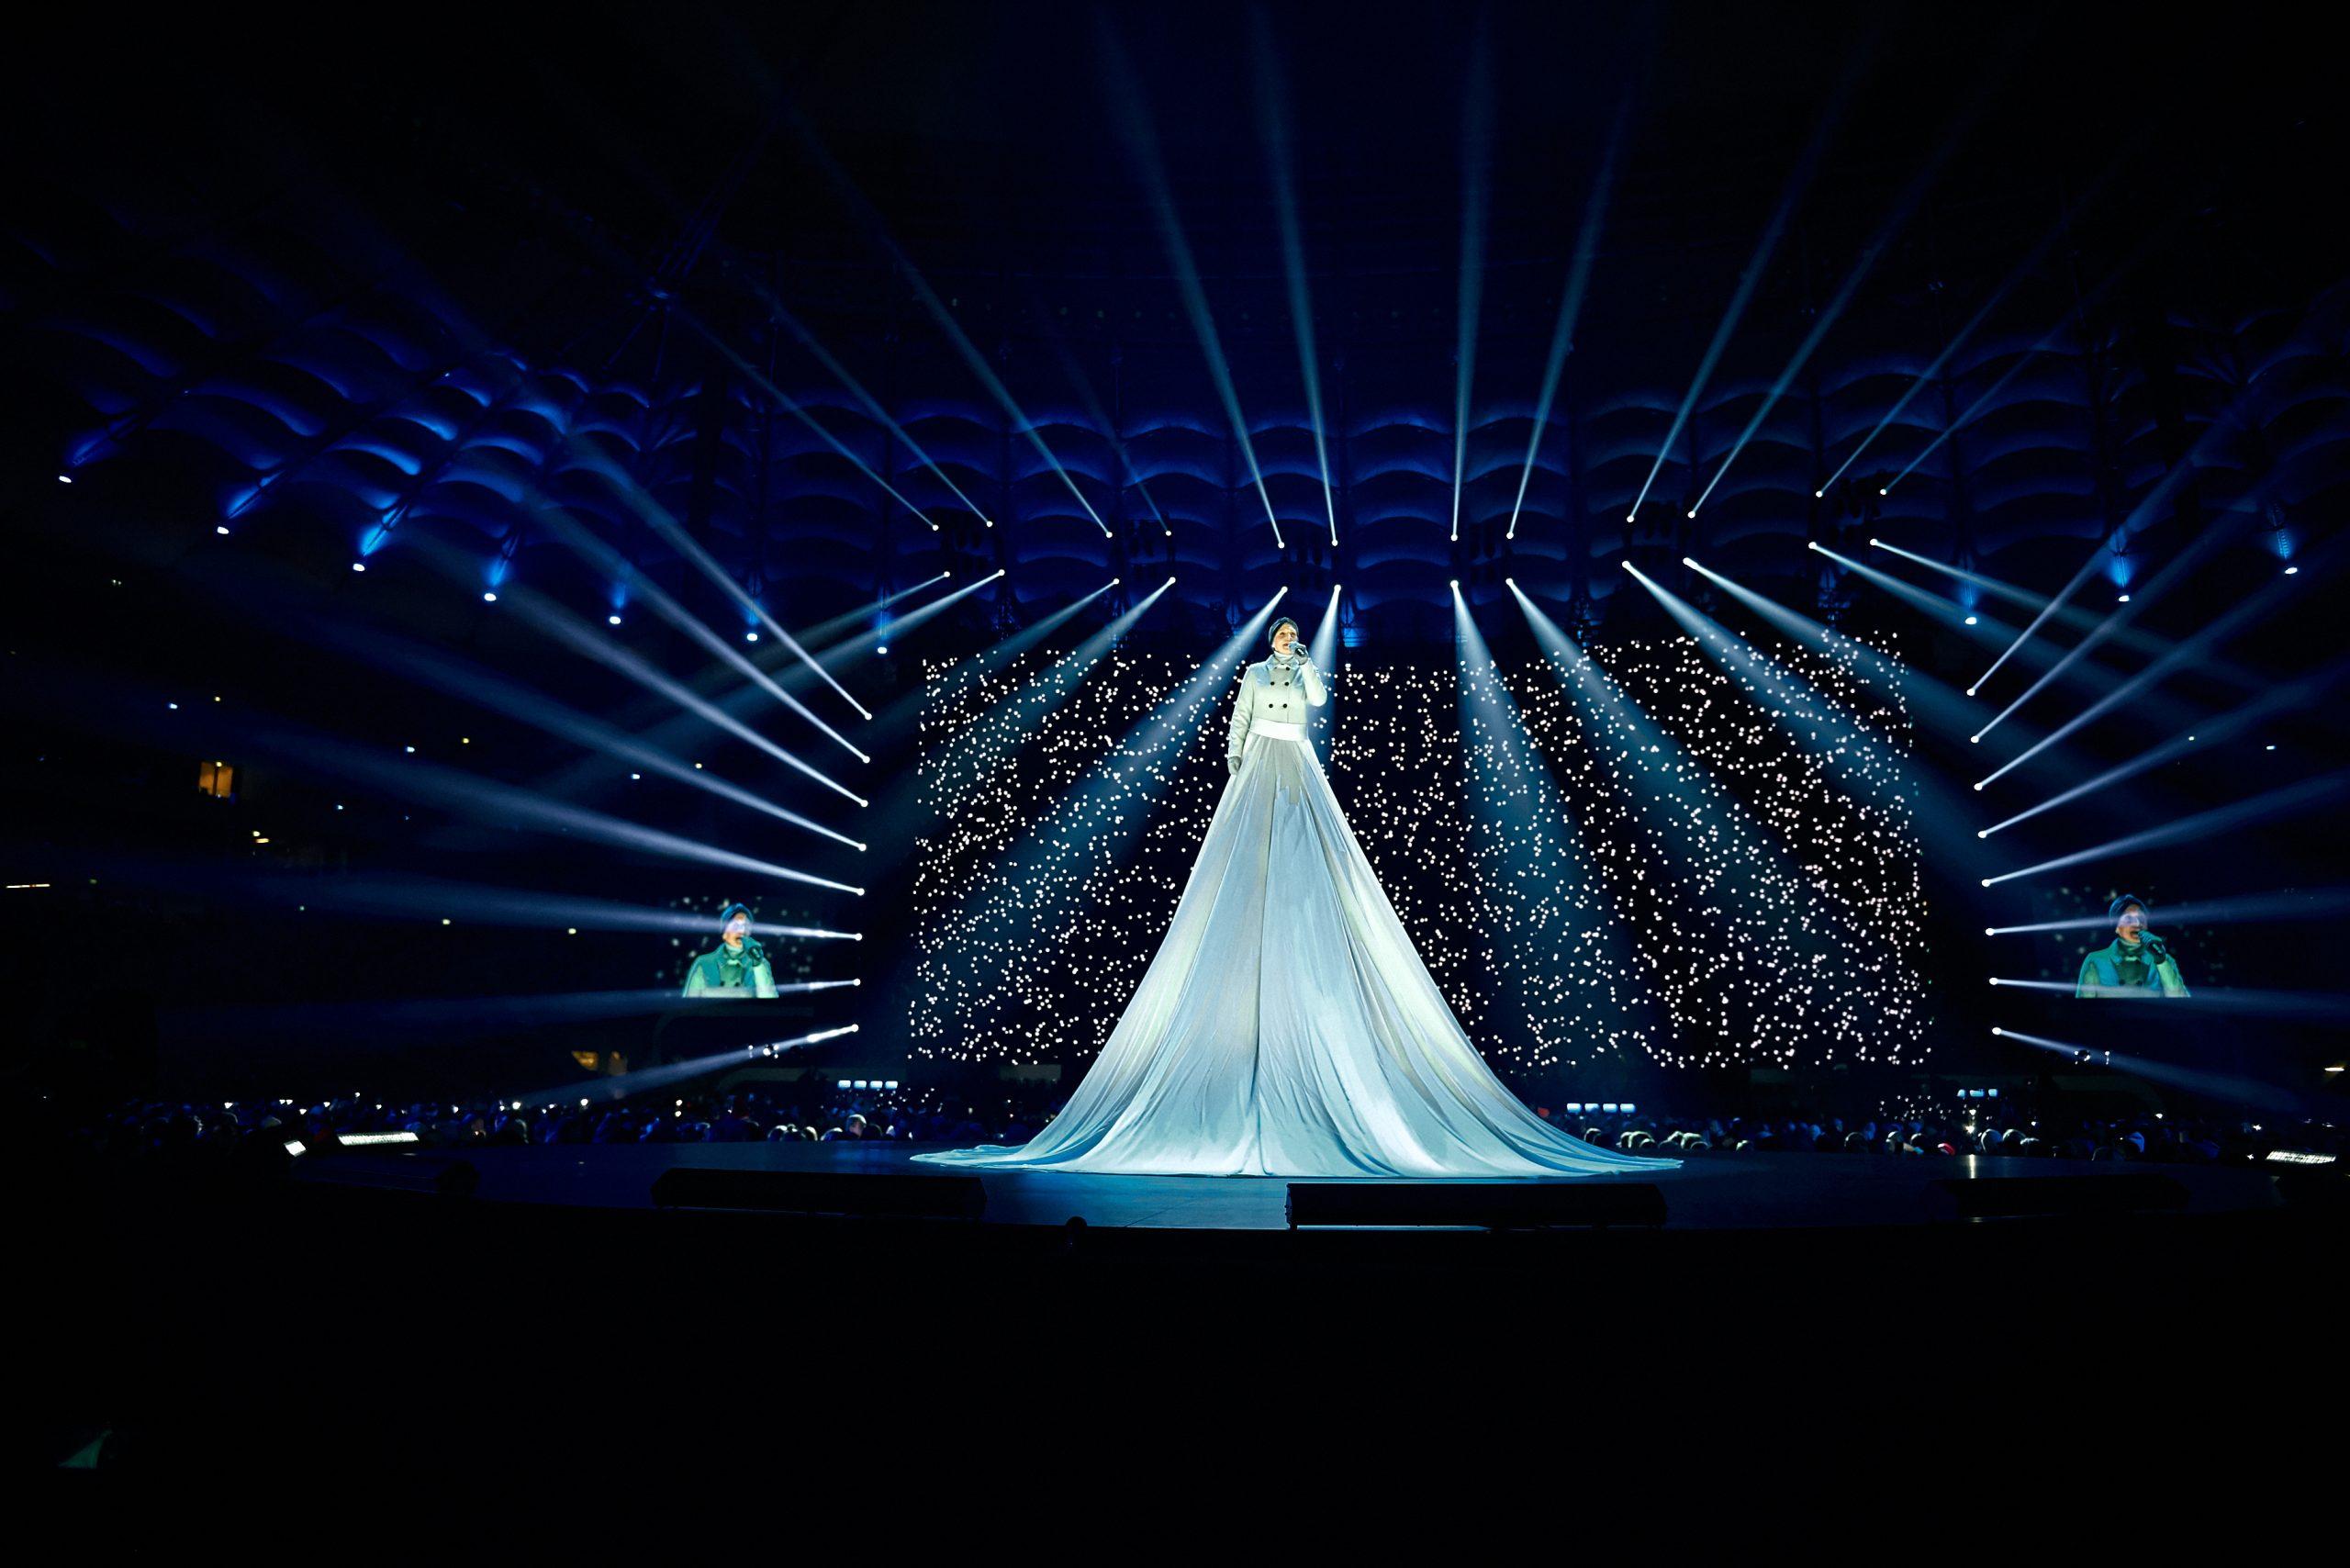 артистка на подмостках в огромном светлом платье во время выступления